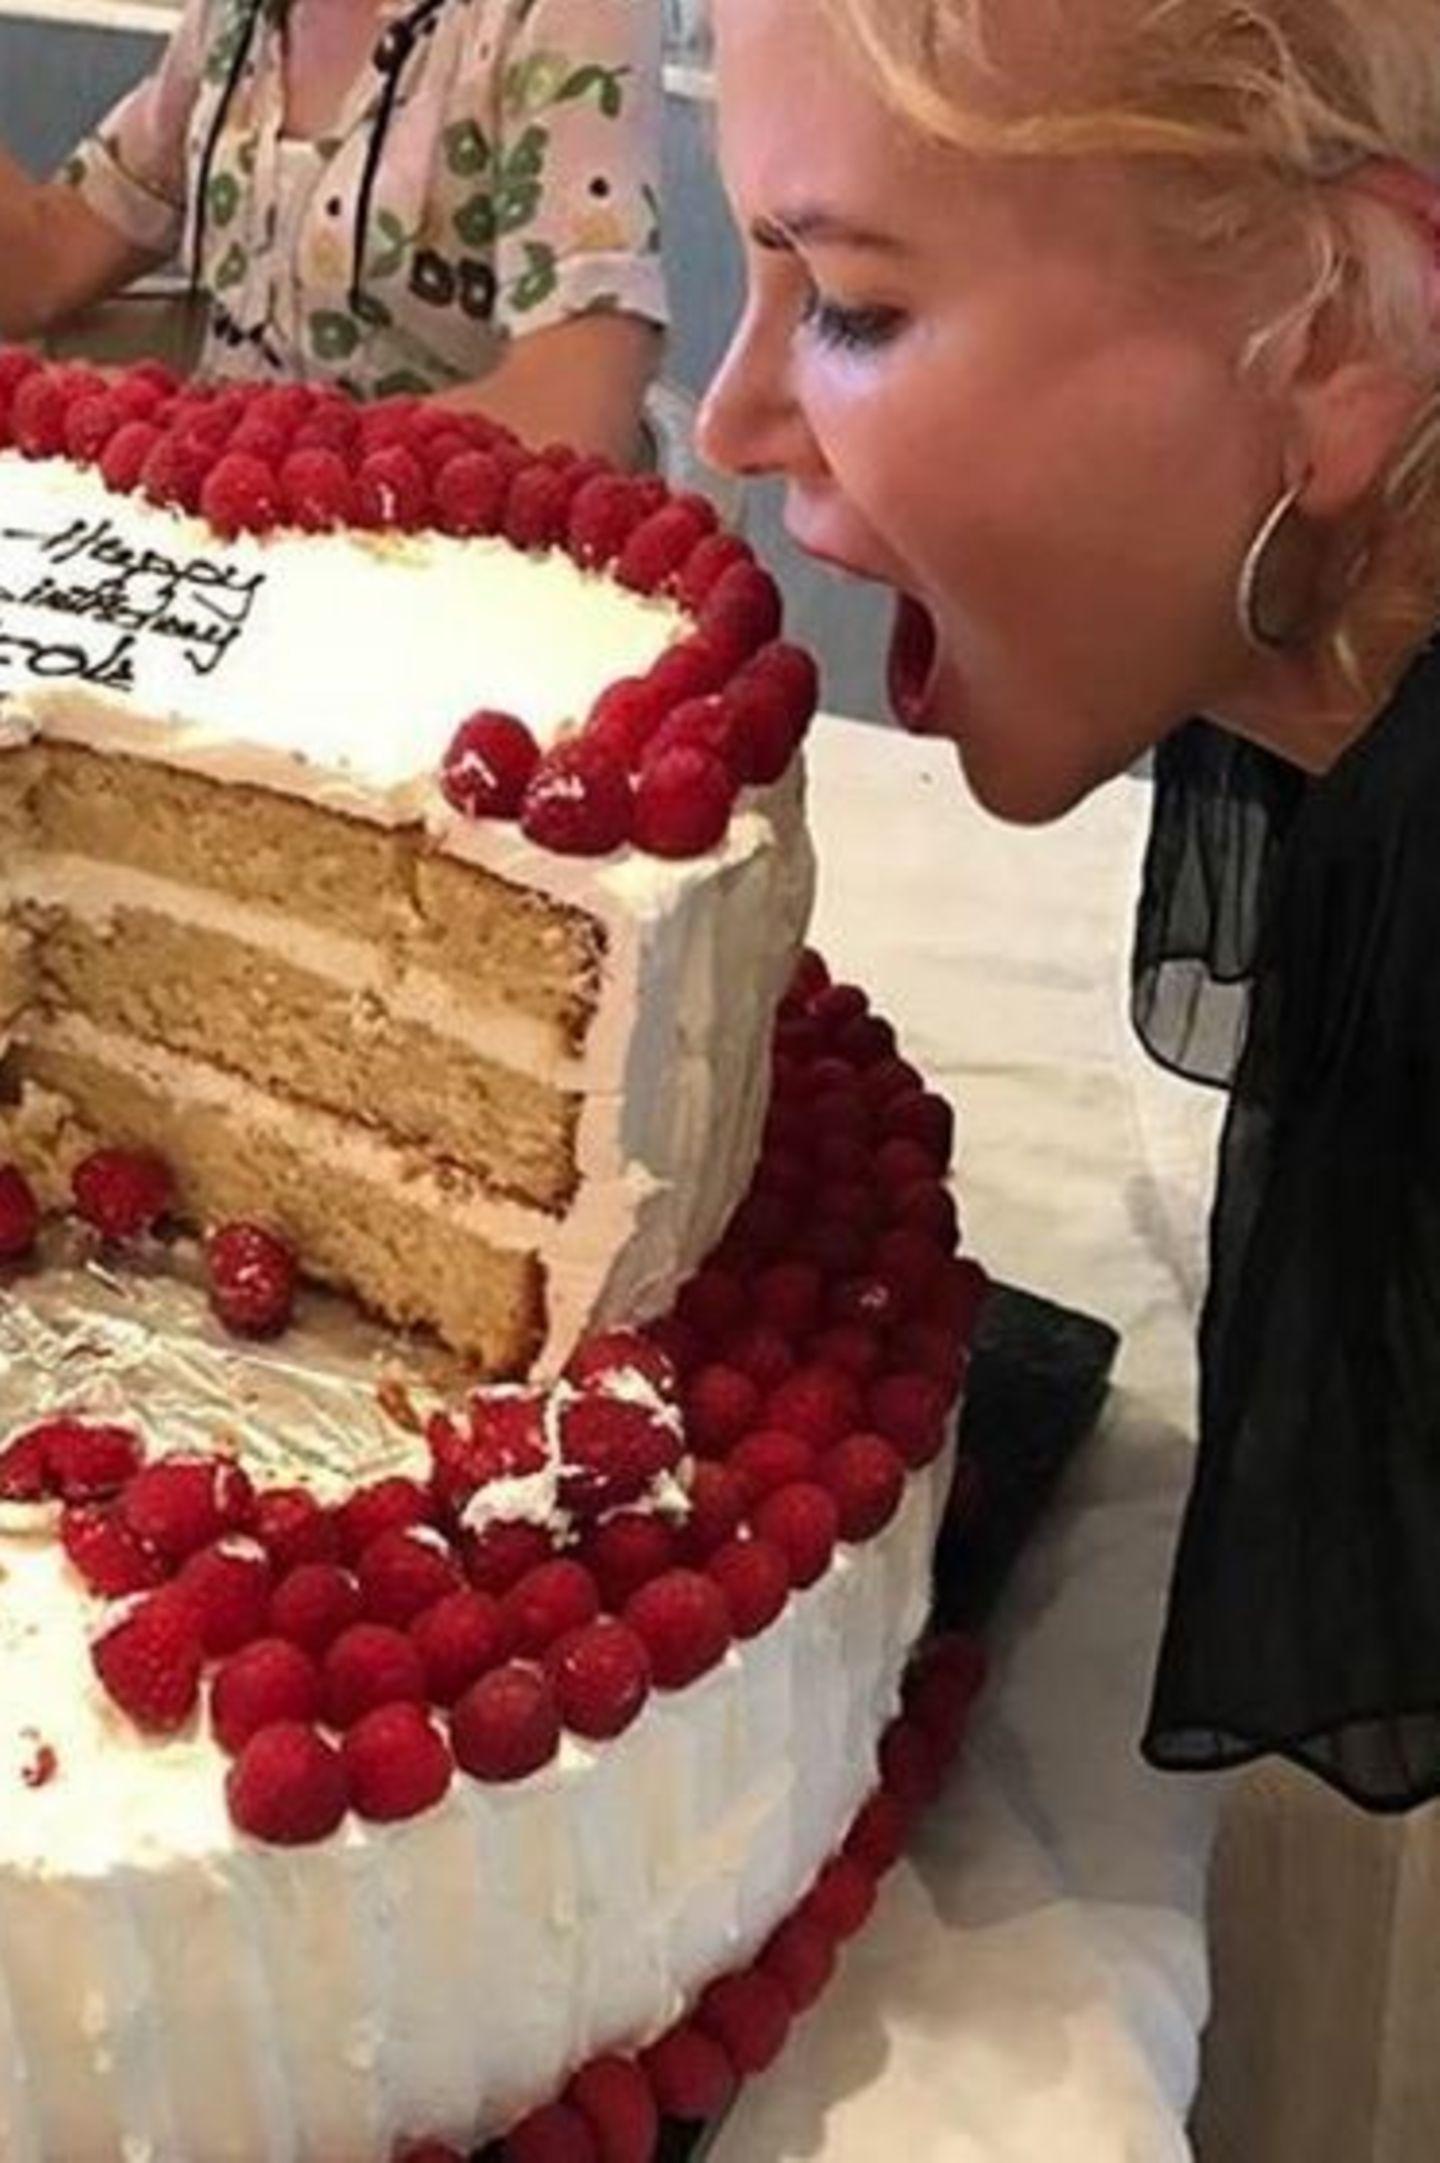 Hollywoodstar Nicole Kidman freut sich riesig über ihre gigantische Geburtstagstorte.